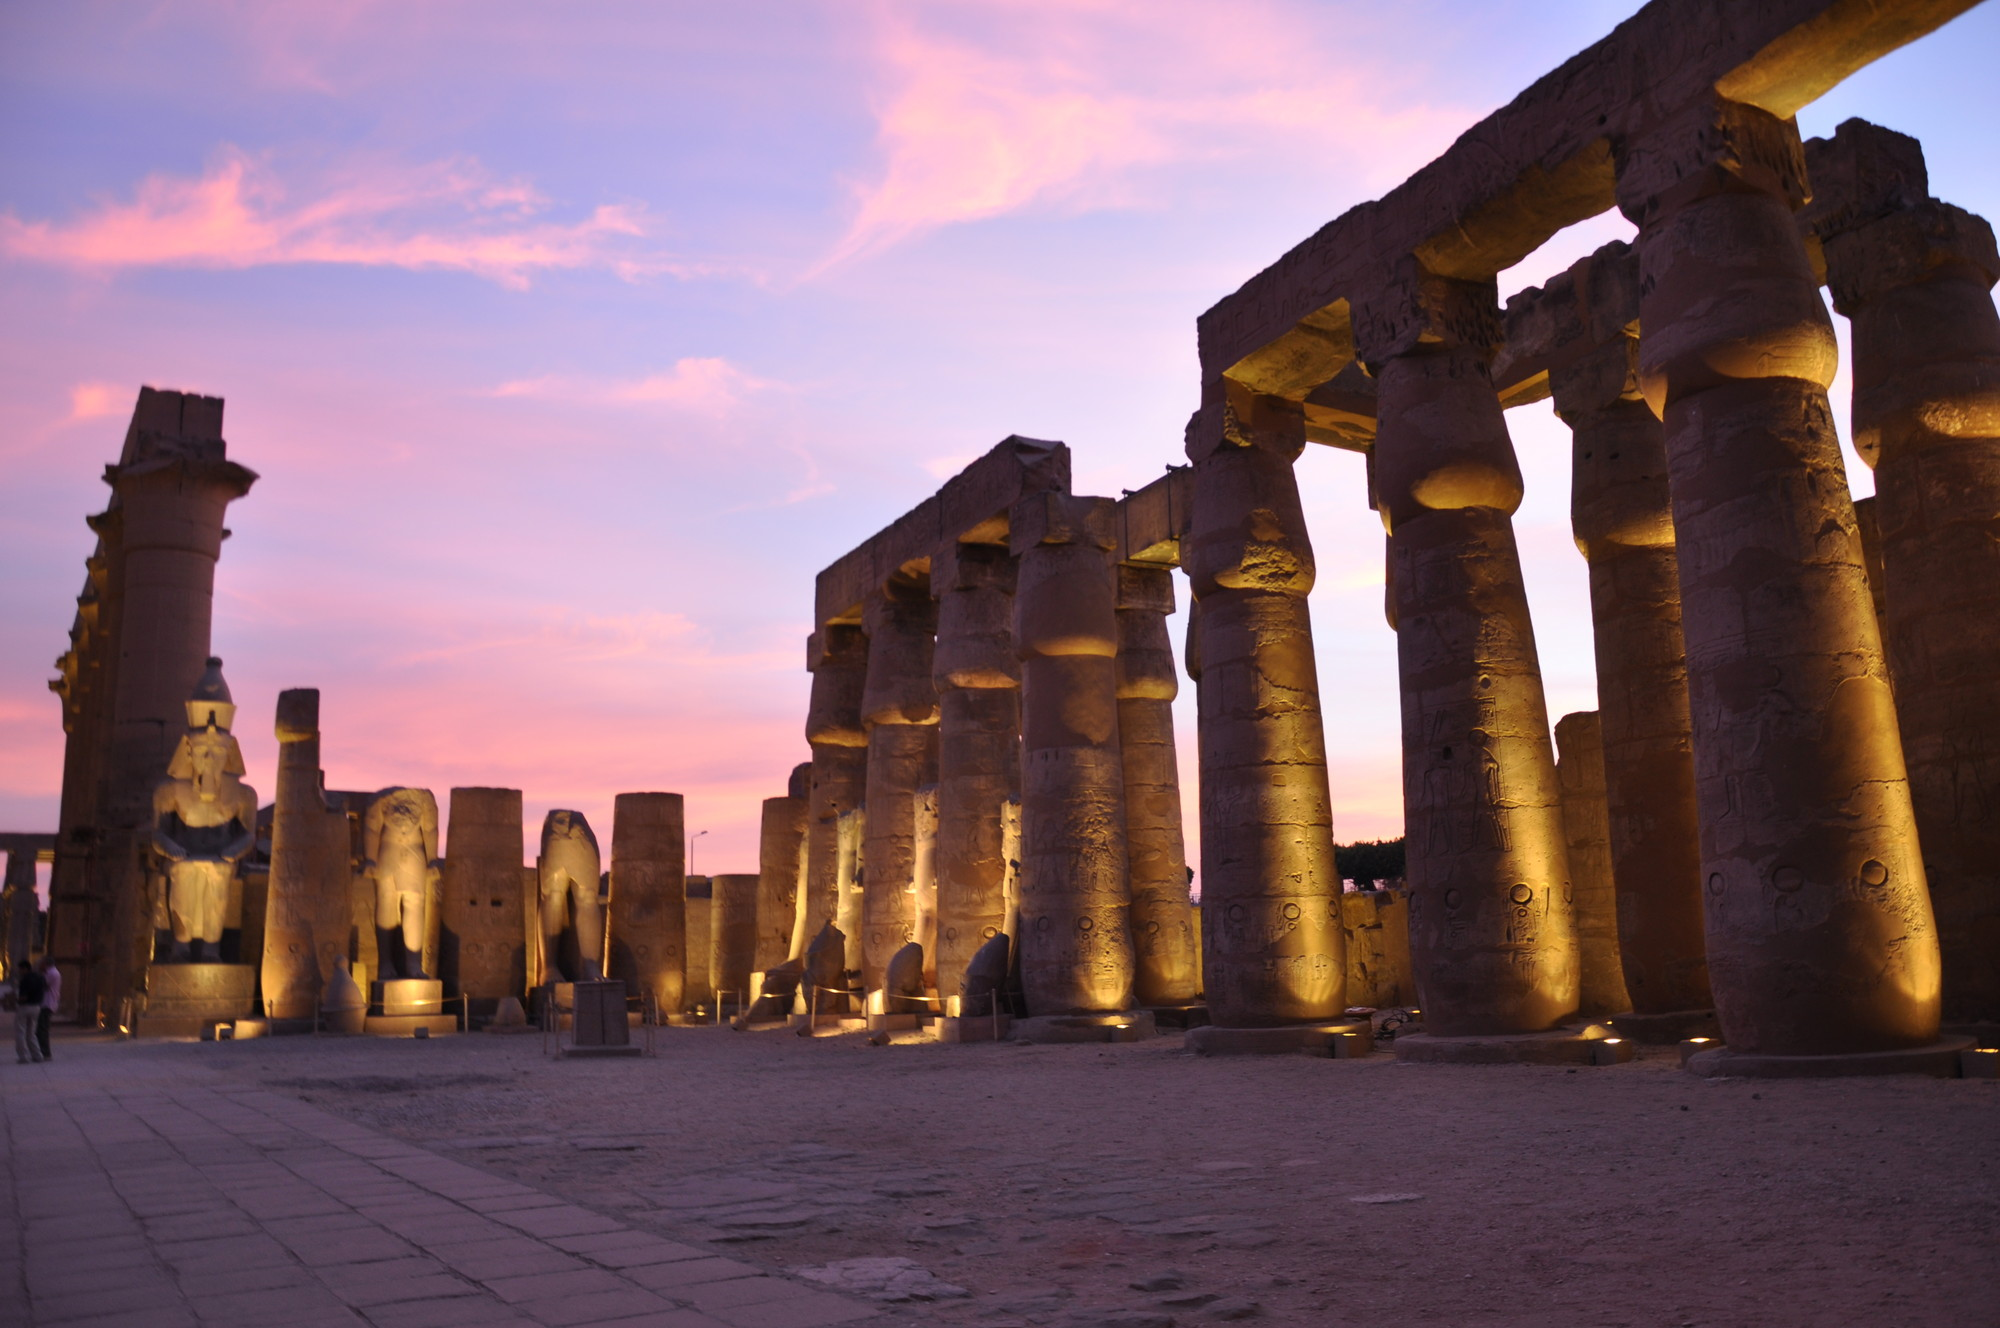 Parte 2: Iluminación Monumental y Artística de Templos y Tumbas del Egipto Faraónico por ACXT/ IDOM, Cortesia de acxt